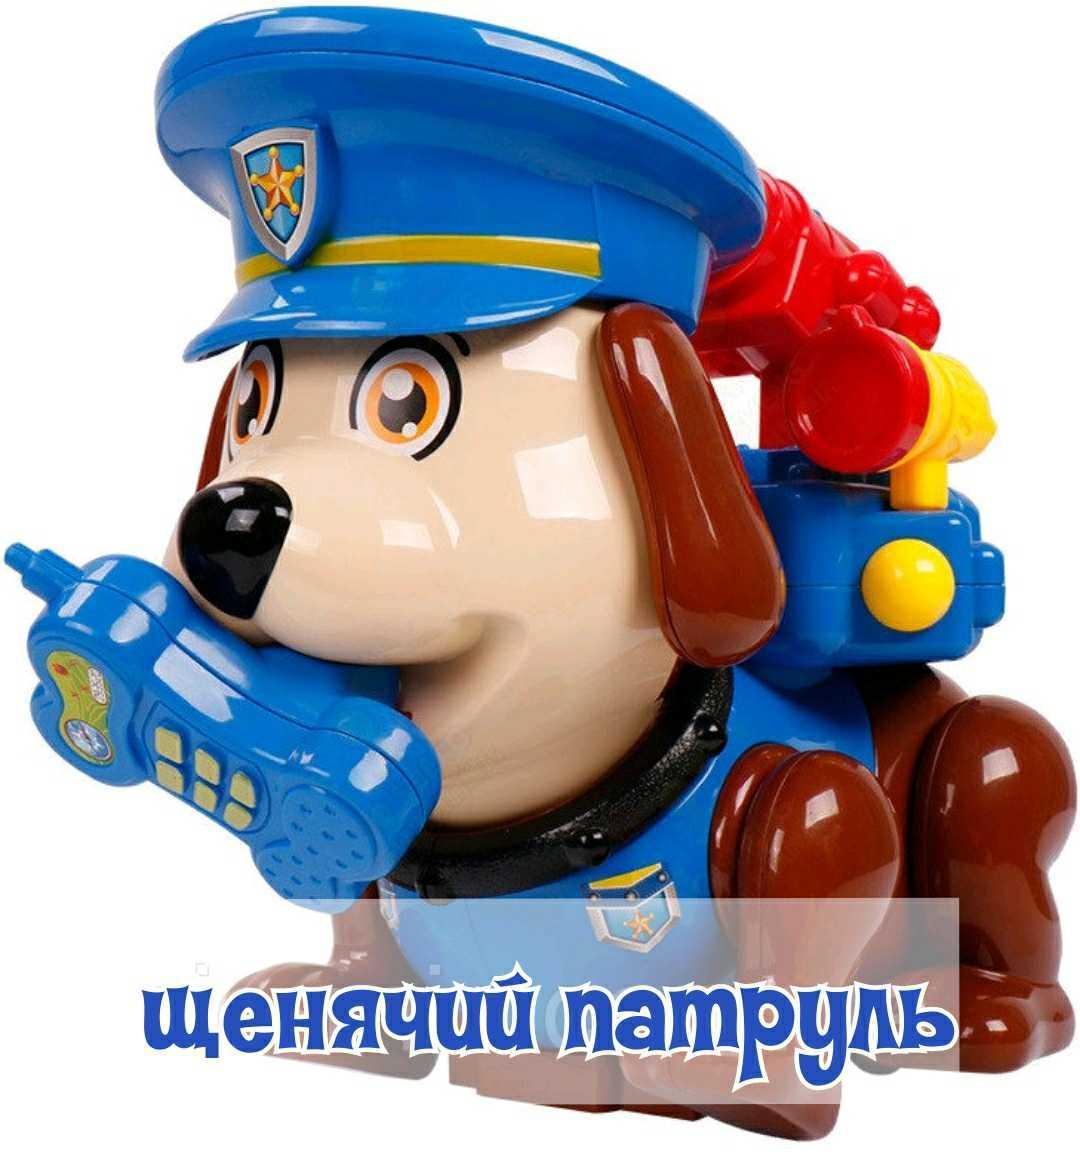 Щенячий патруль гончик на радиоуправлении